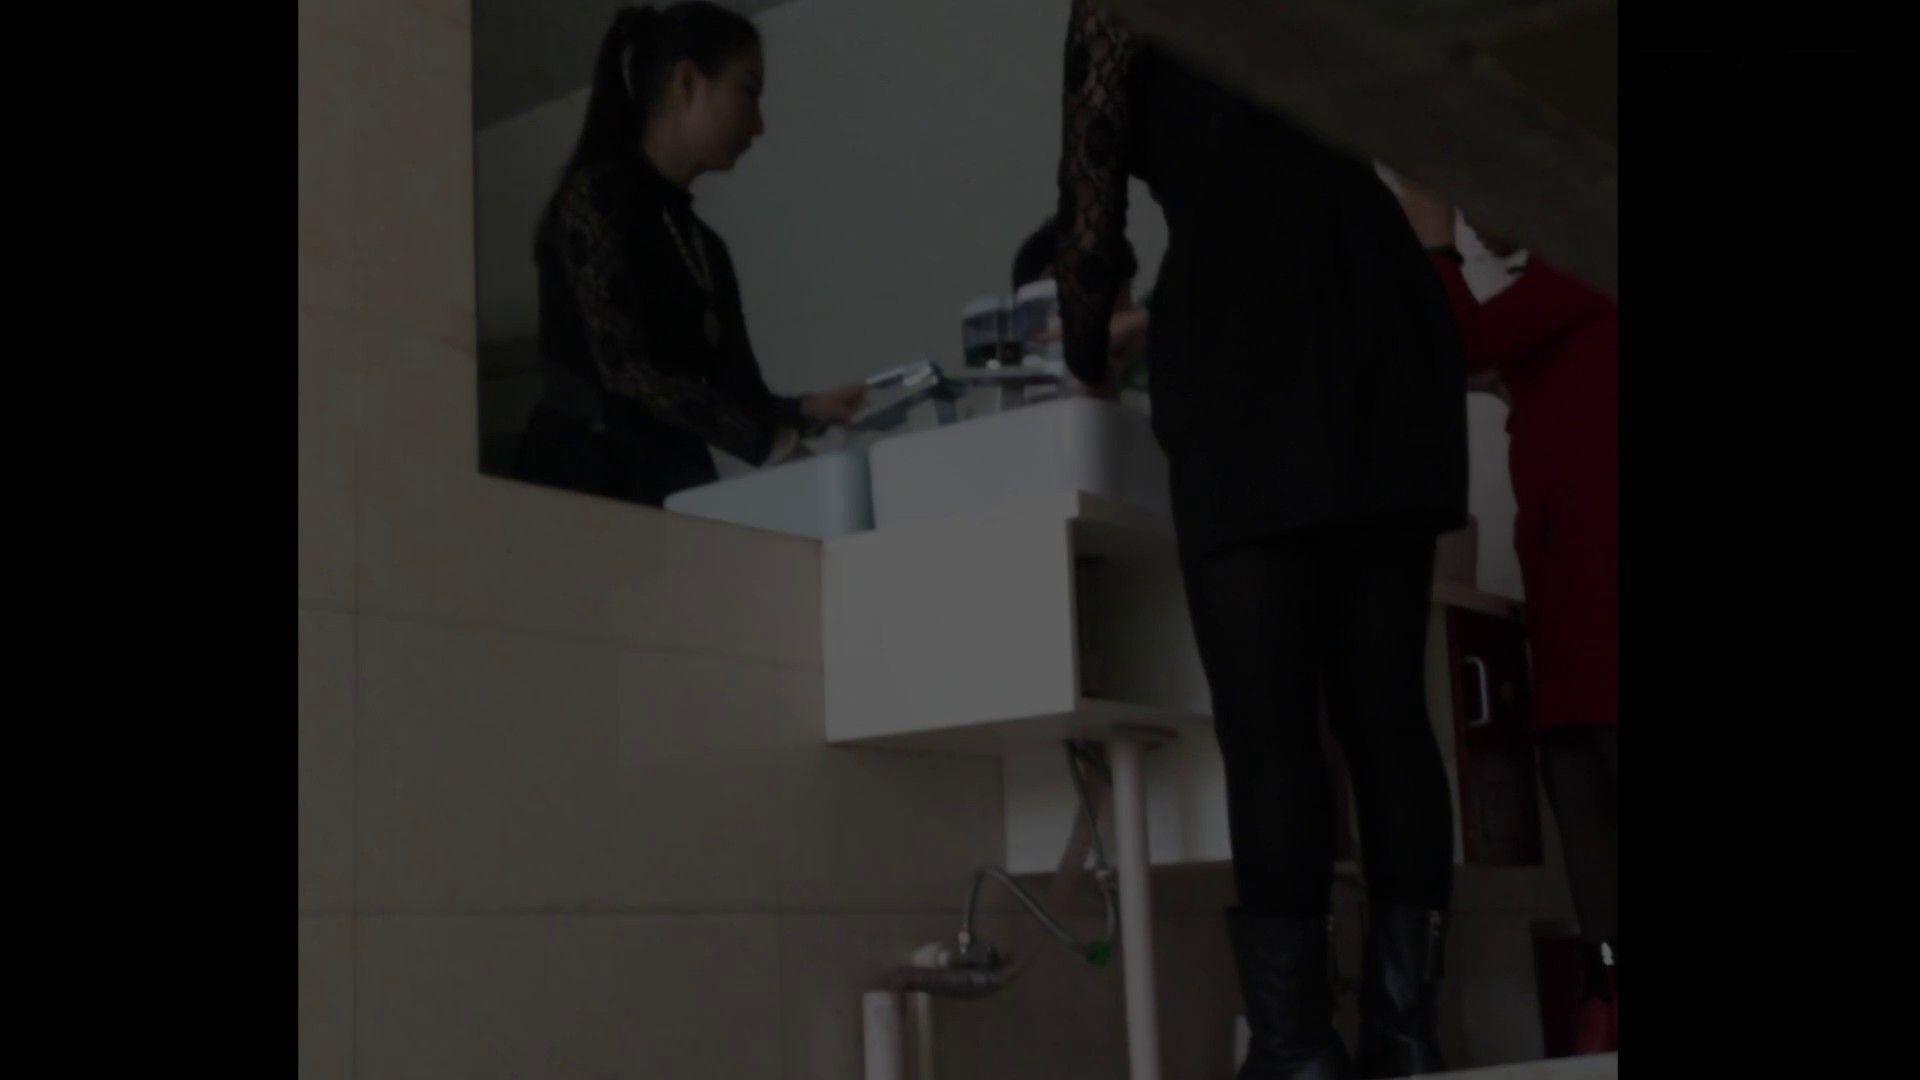 芸術大学ガチ潜入盗撮 JD盗撮 美女の洗面所の秘密 Vol.113 盗撮で悶絶 セックス画像 74画像 32